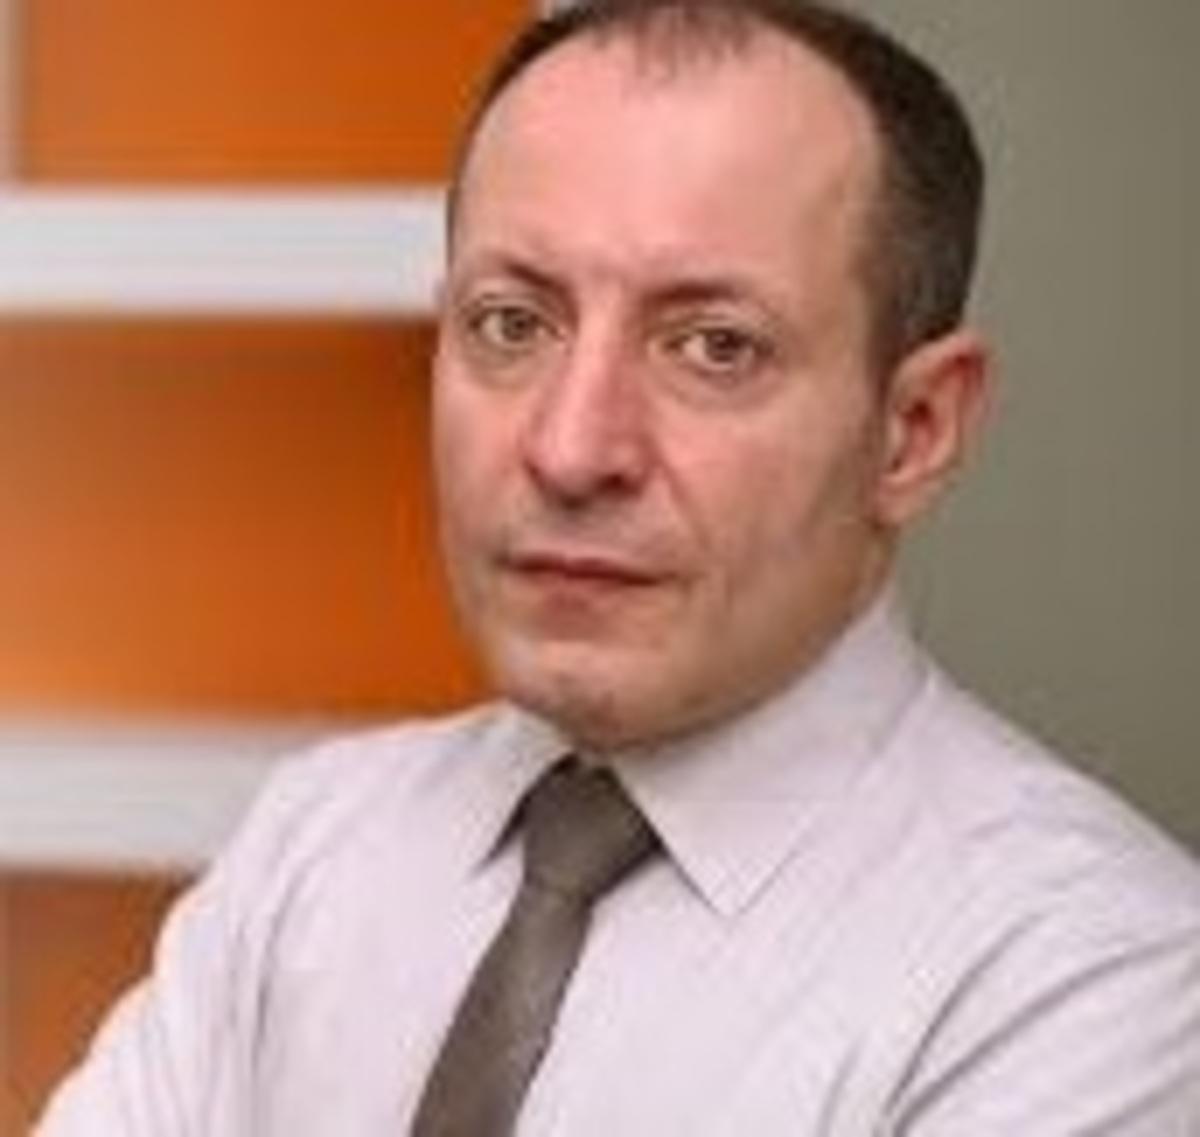 Δρ. ΑΛΕΞΑΝΔΡΟΣ ΜΑΤΘΑΙΟΥ 1